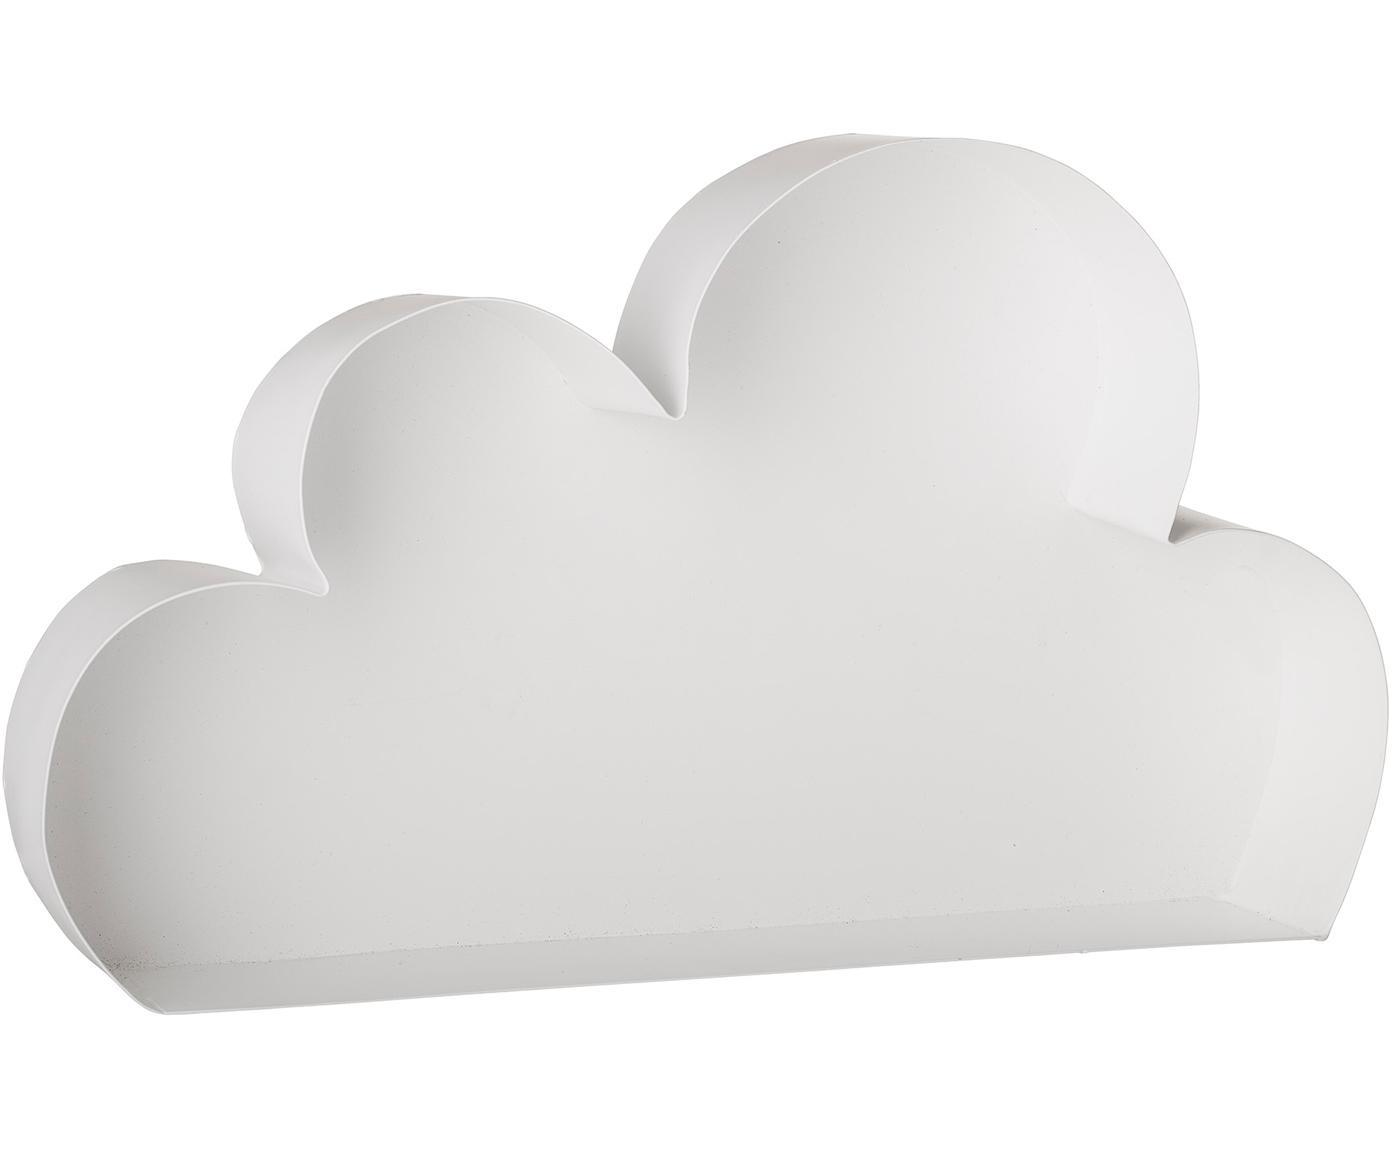 Półka ścienna Cloud, Metal lakierowany, Biały, S 40 x W 23 cm